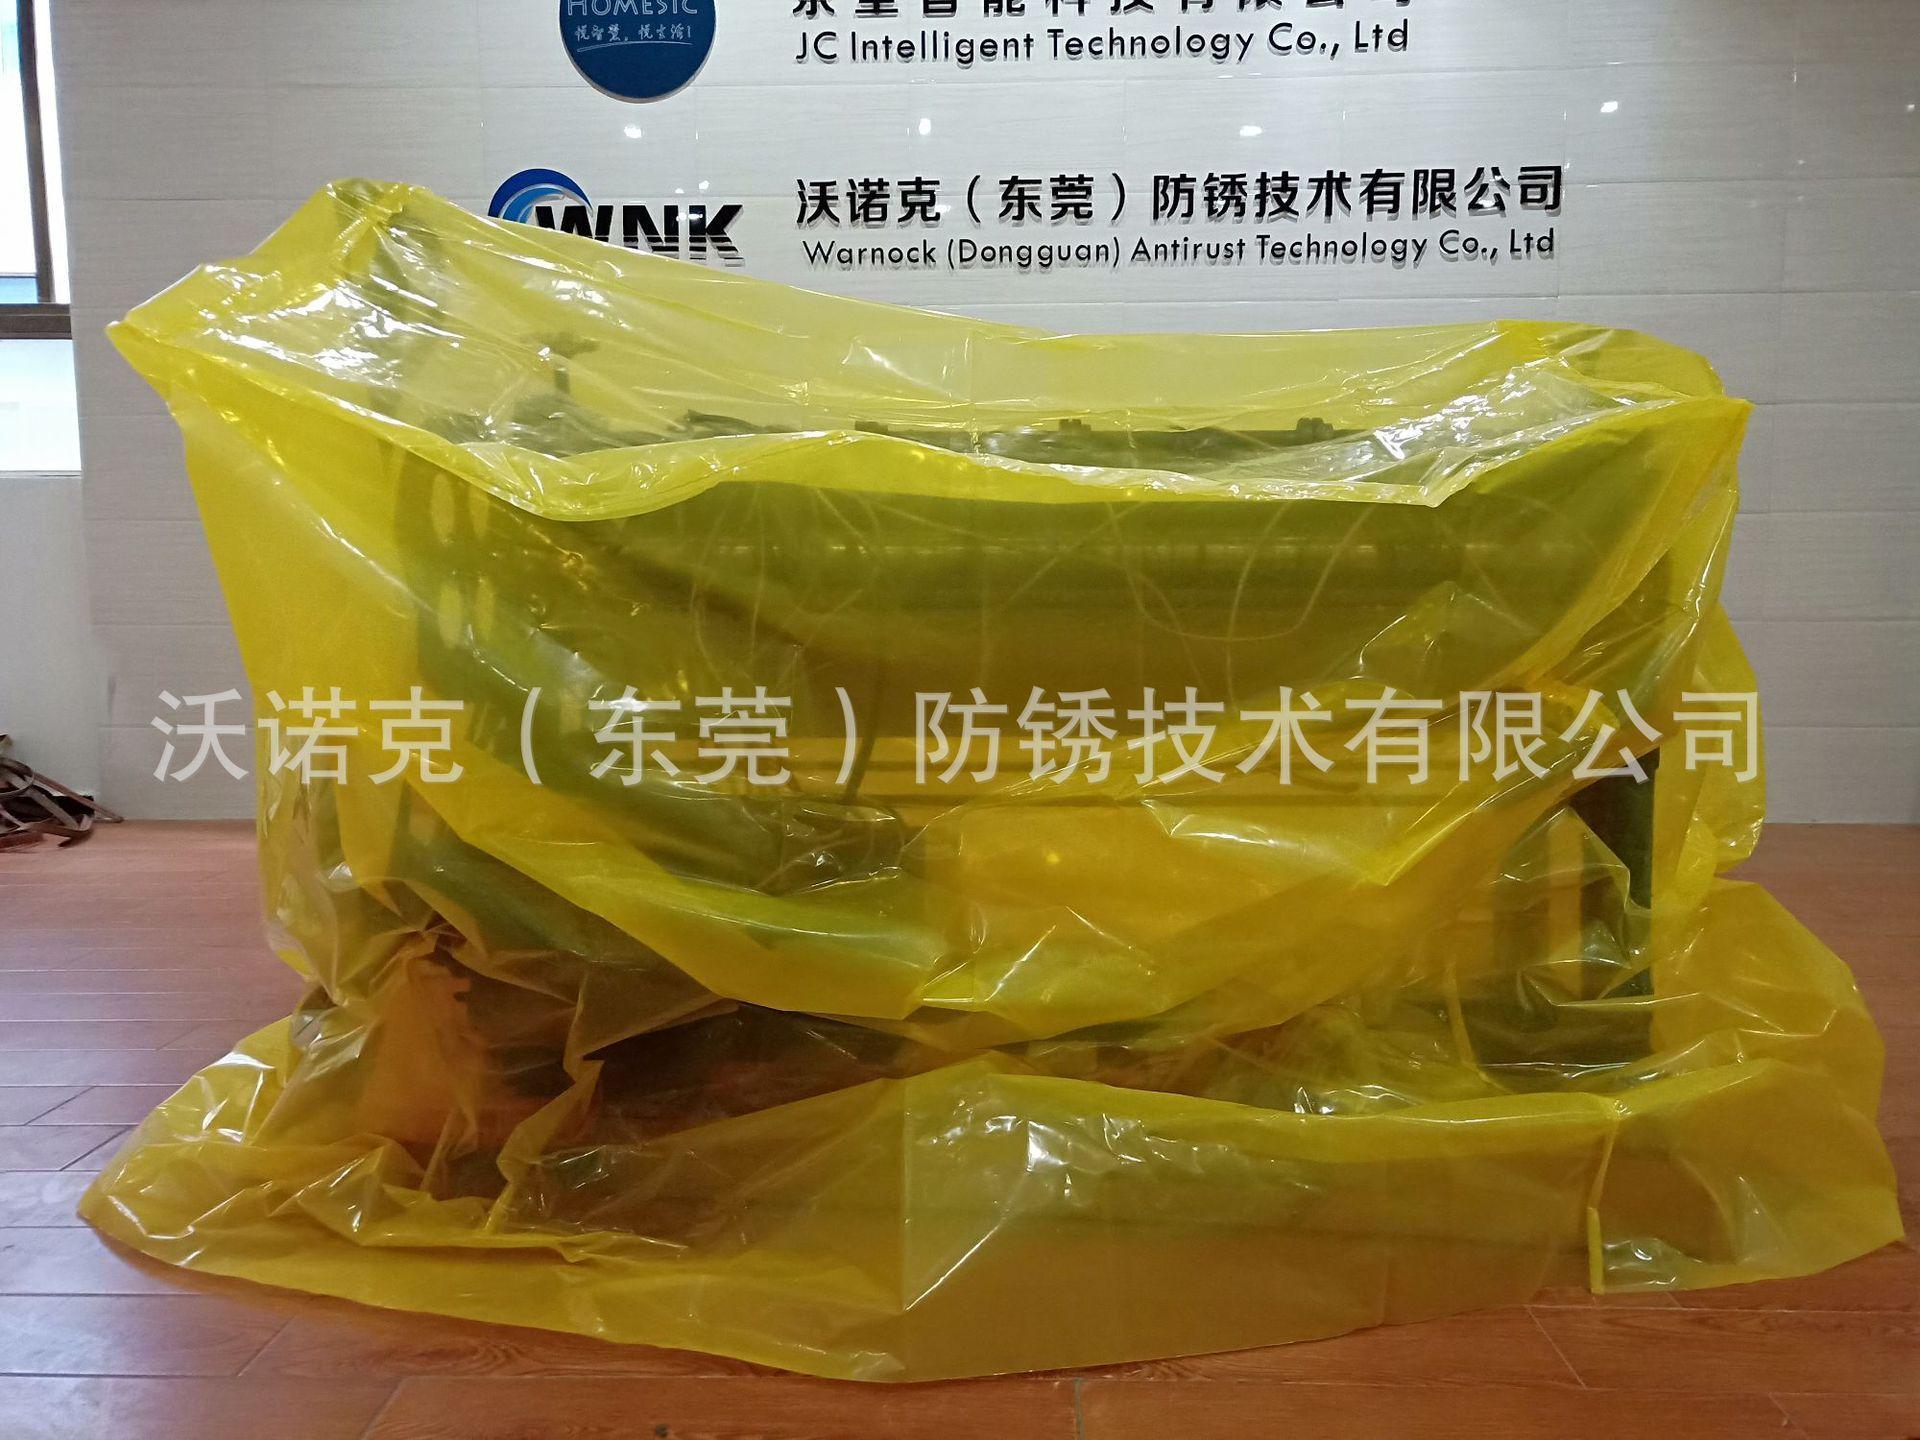 厂家生产 vci气相防锈袋 黄色自封塑料袋 拉链PE金属防锈膜 3